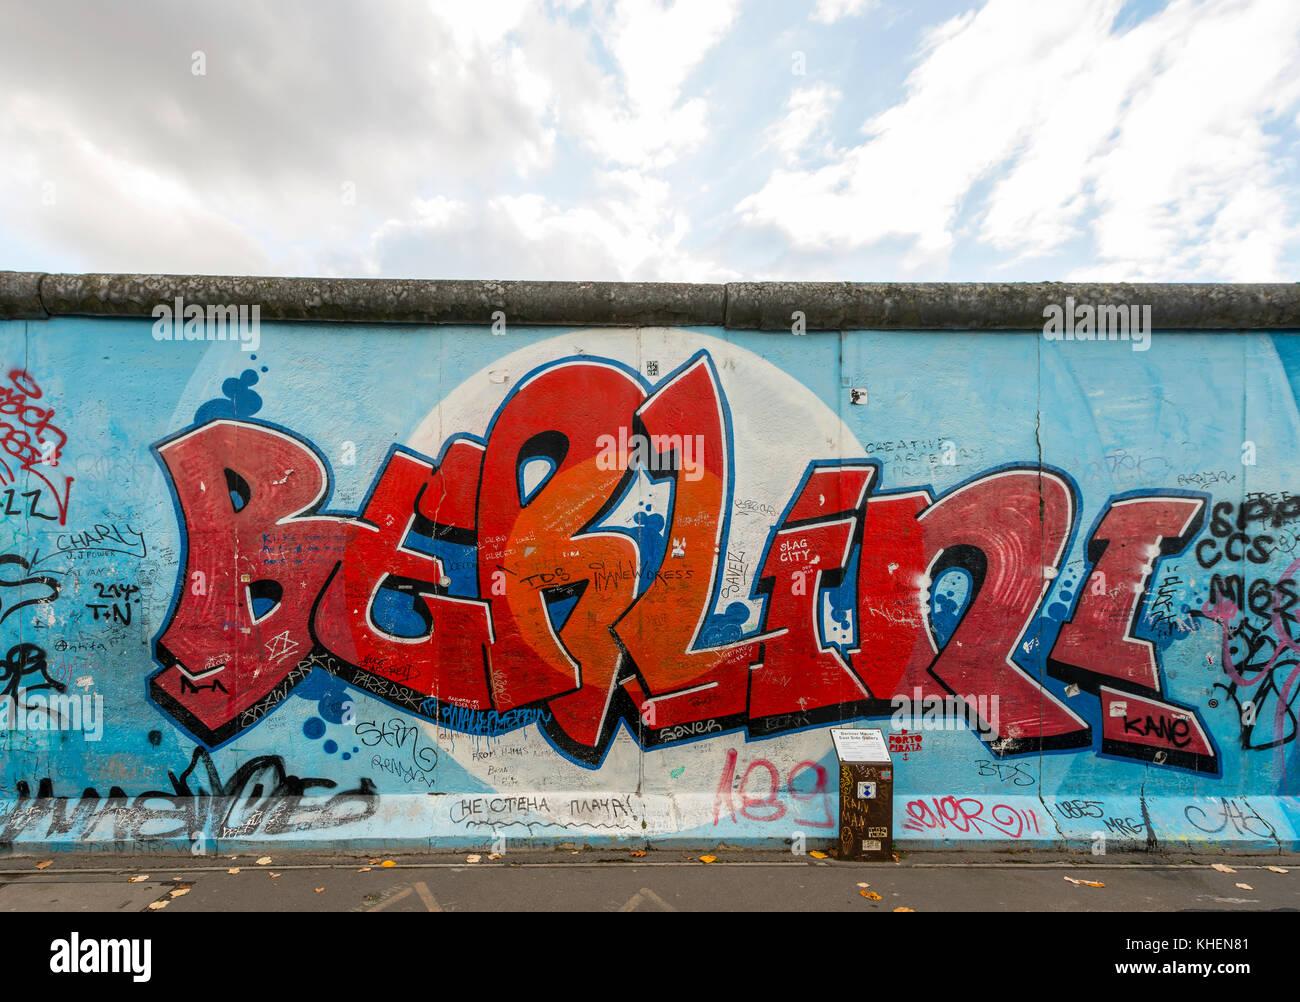 Inscripción de Berlín, la pintura del muro de Berlín, East Side Gallery, Berlin, Alemania Imagen De Stock